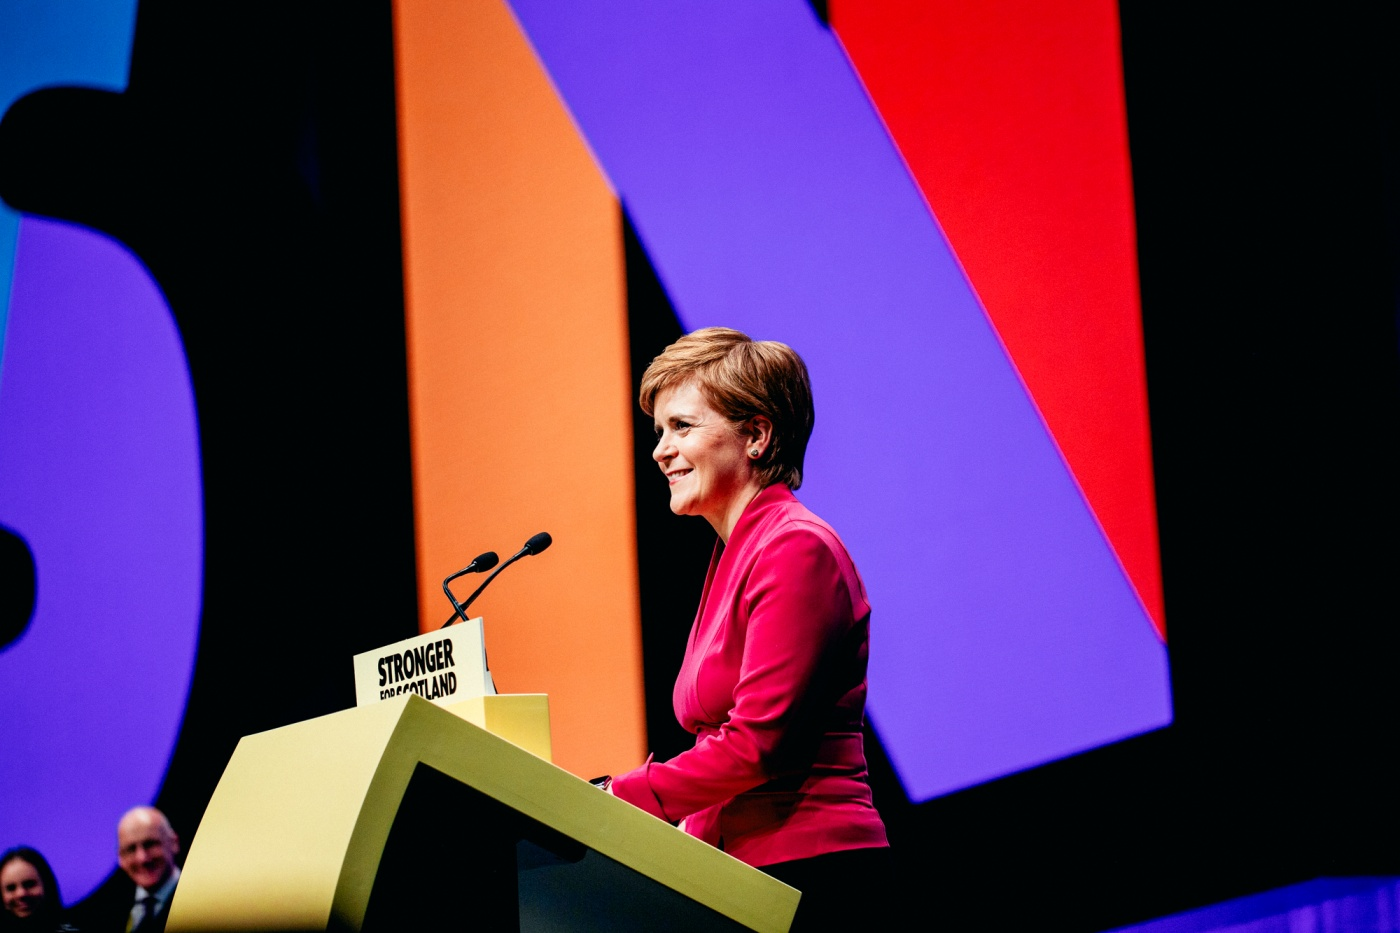 苏格兰政府首席大臣:2020年必须举行第二次独立公投_中欧新闻_欧洲中文网